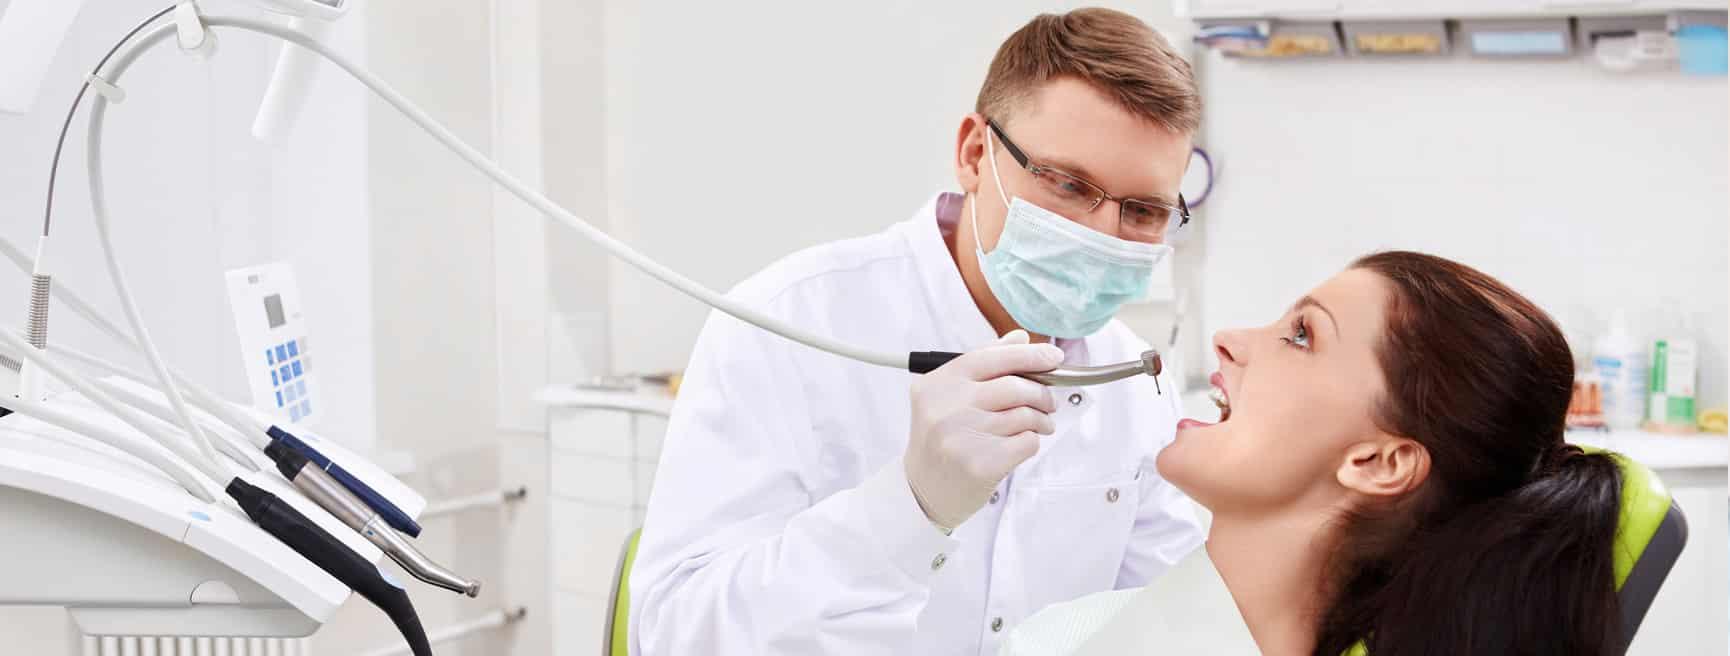 seguro-dental.jpg